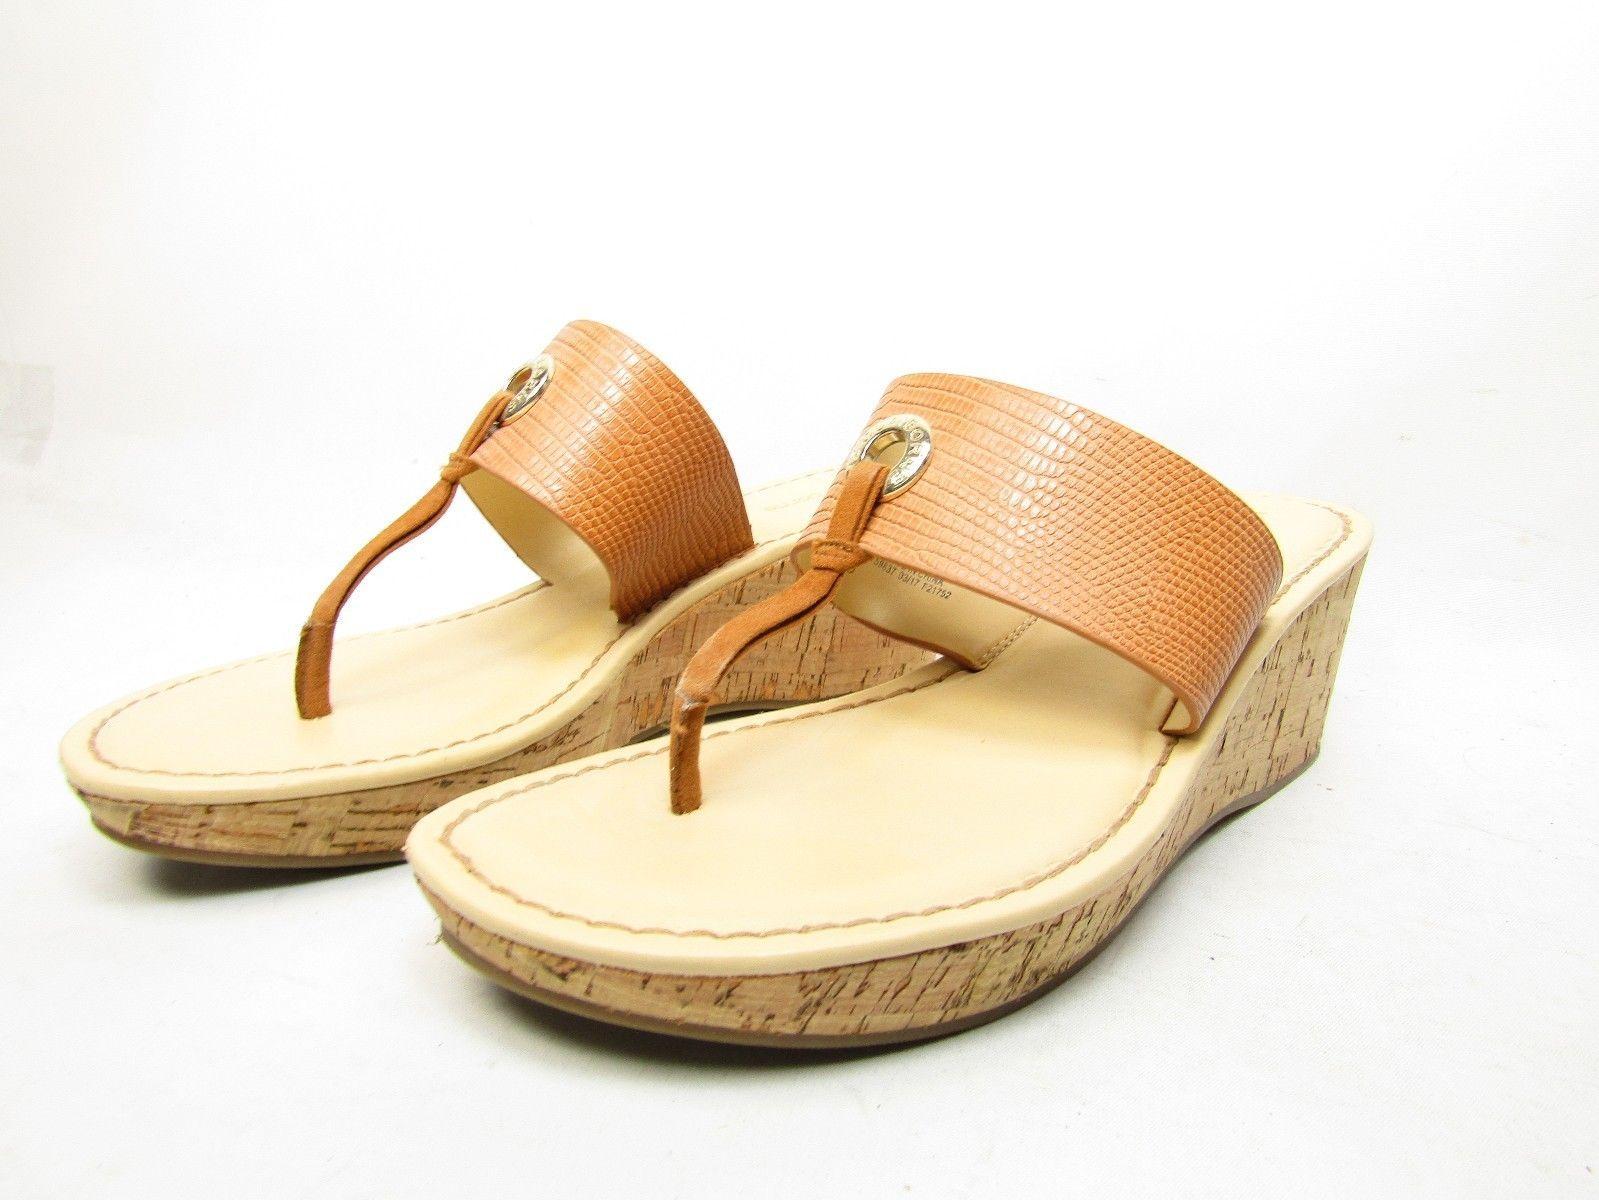 Liz Claiborne Lively Womens Sandals  Cognac Size 7.5M